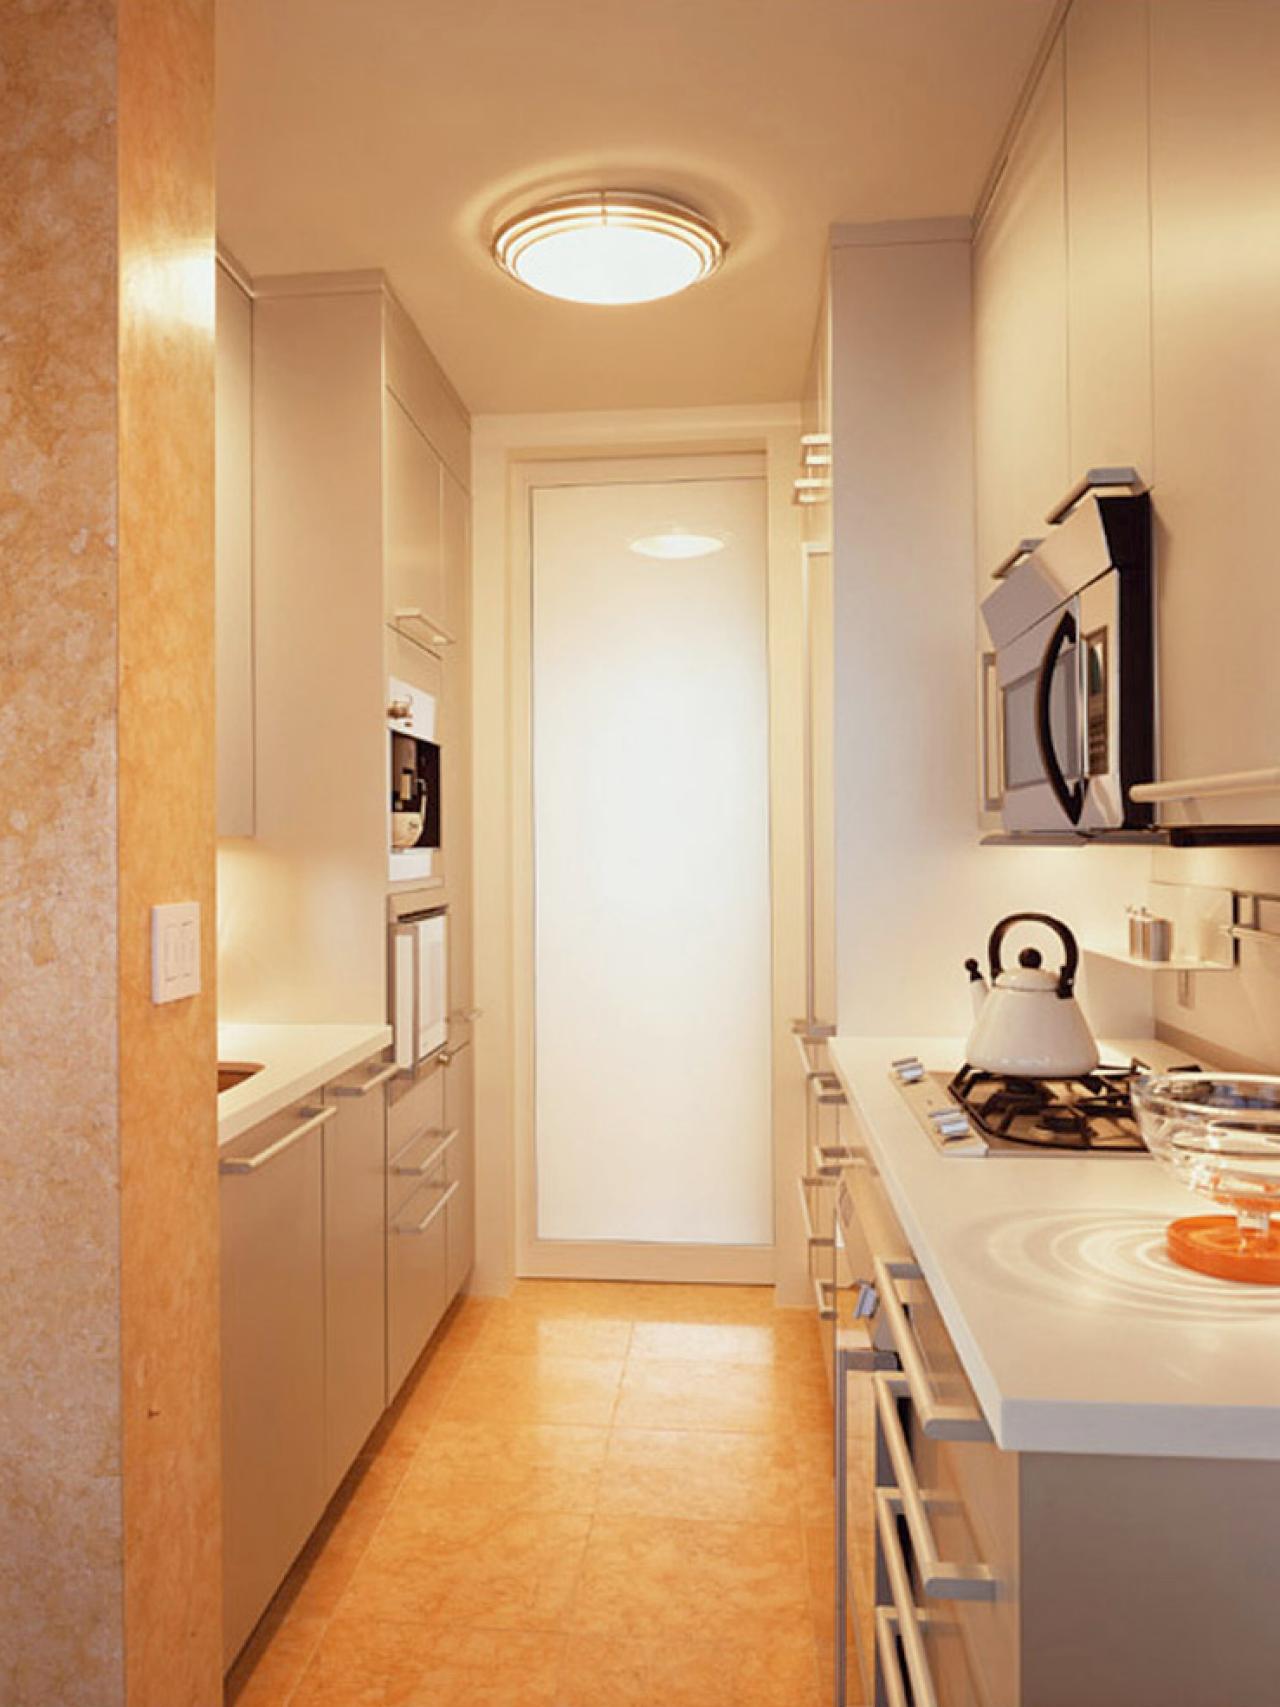 dp_berliner-hvid-pantry-kitchen_s3x4-jpg-rend-hgtvcom-1280-1707